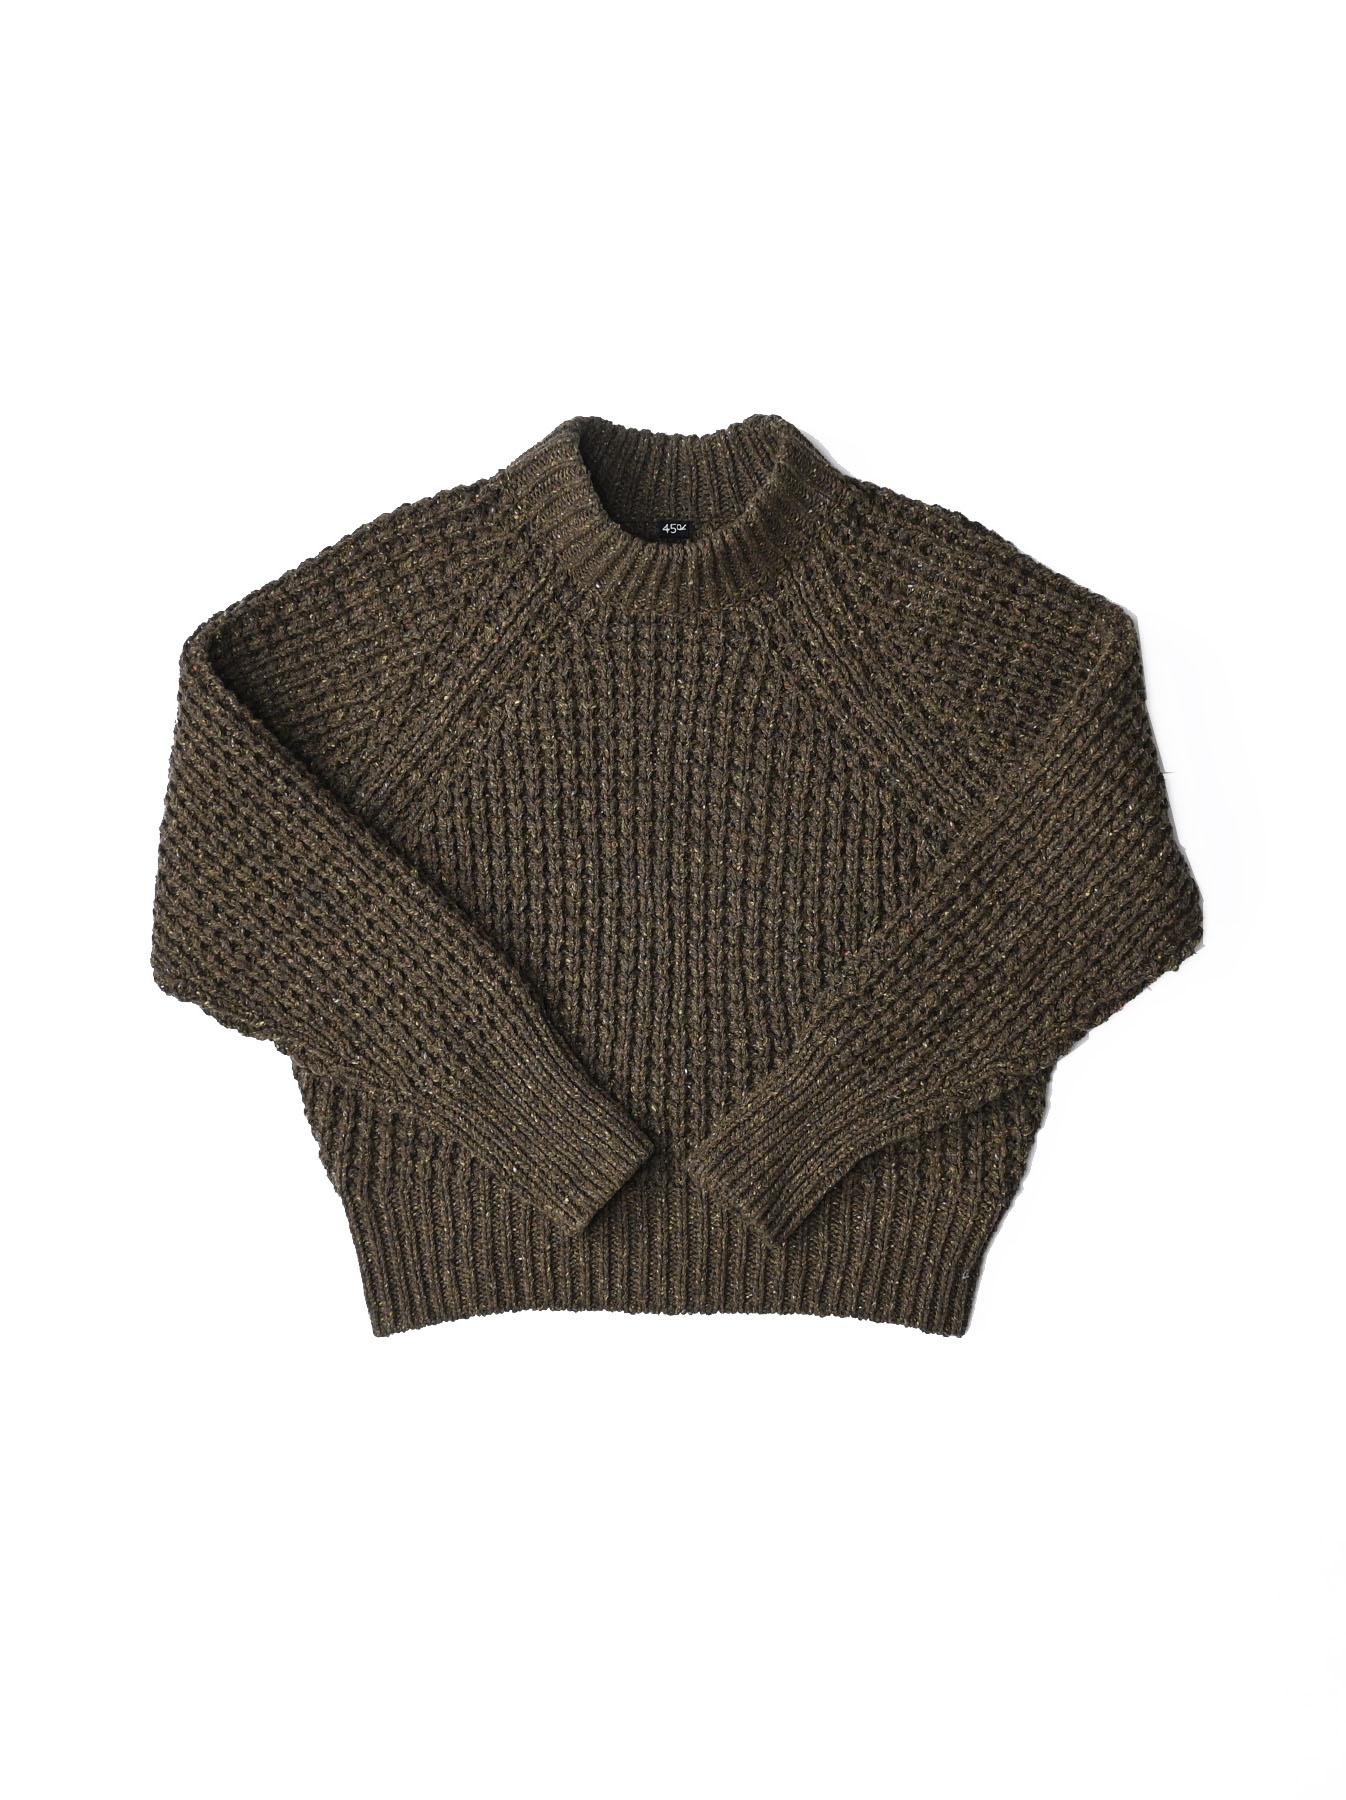 Cotton Knit-sew Big Waffle Sweater-4